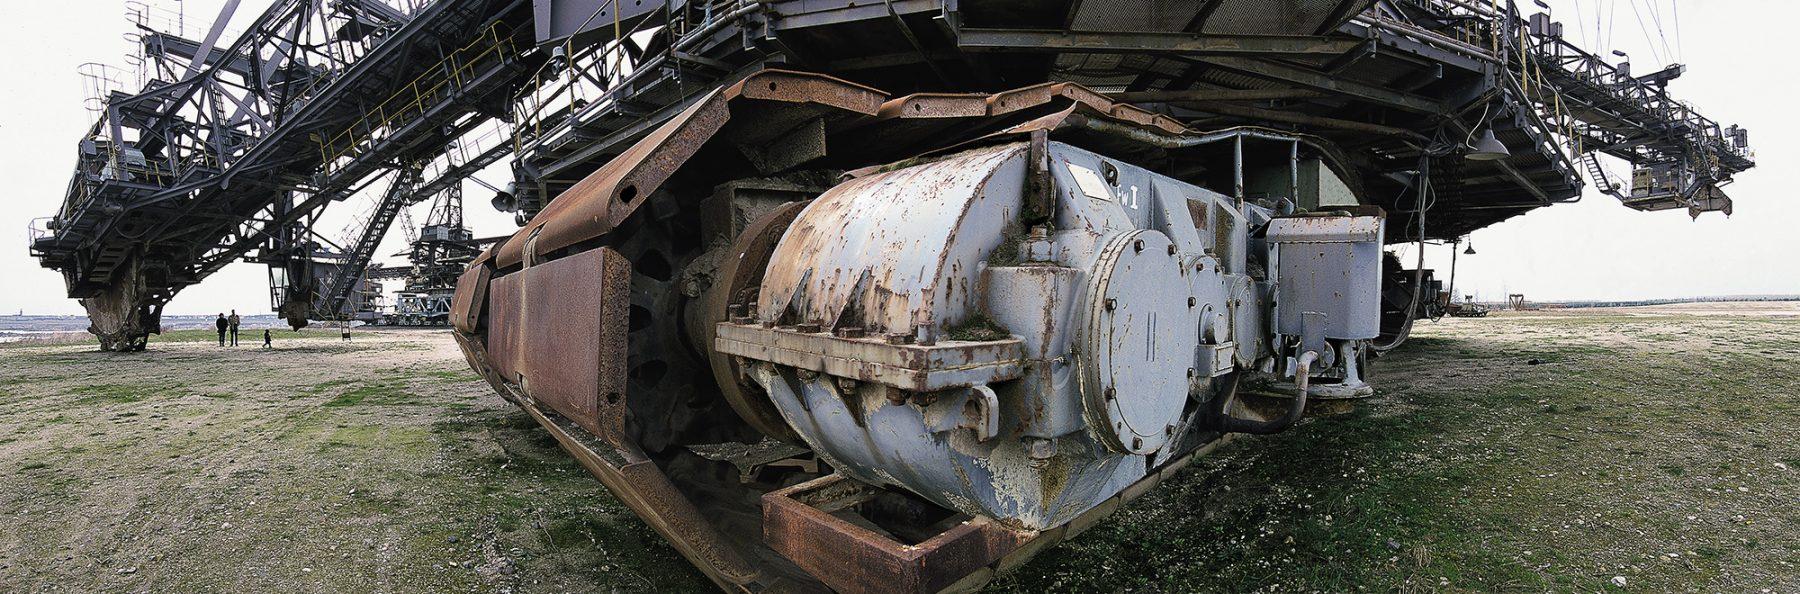 ehemaliger Braunkohletagebau, Ferropolis, Freizeitpark, Schaufelradbagger Big Wheel V